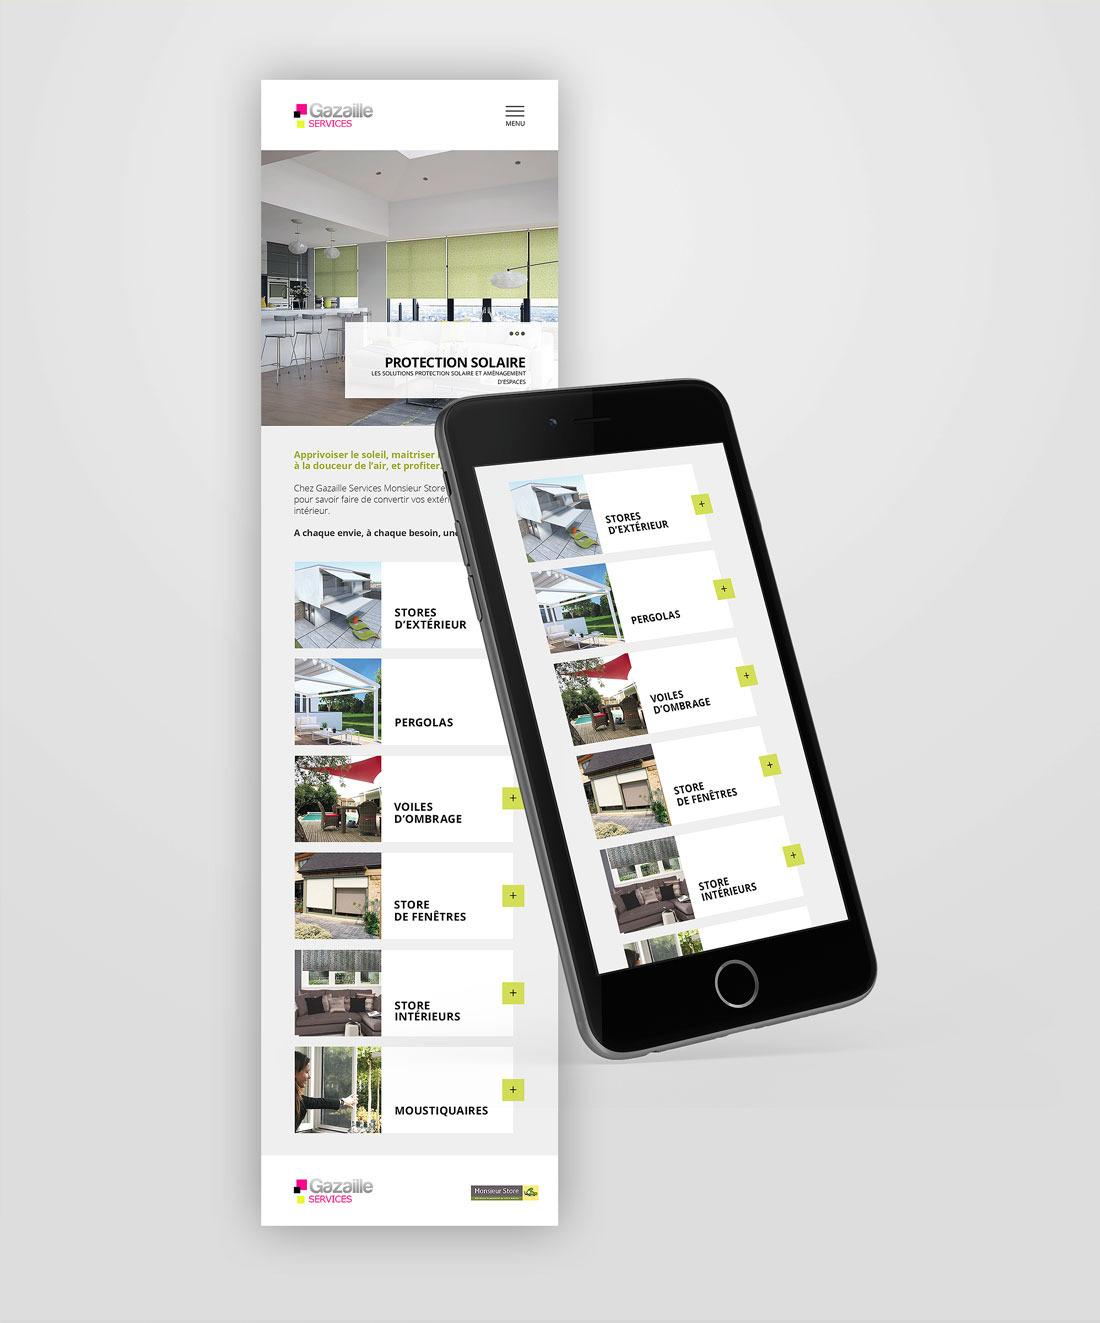 Gazaille Services web